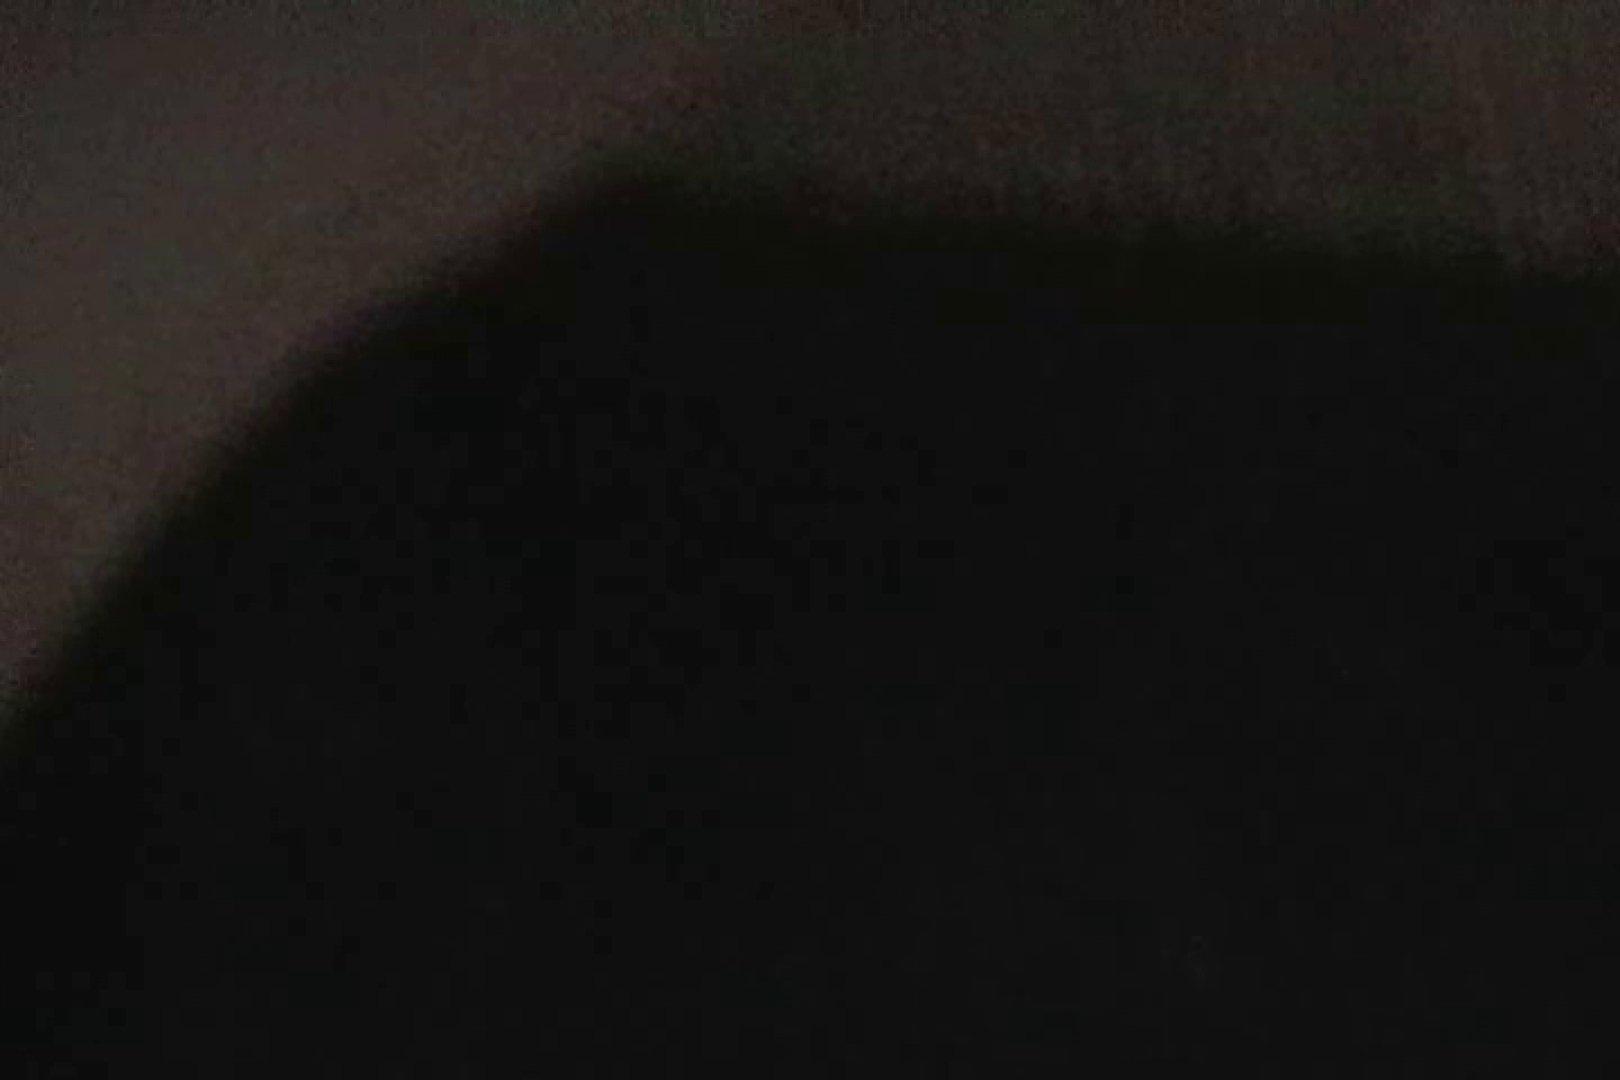 流出!極太の悪戯ウォッチング!前編 悪戯特集 | 手淫 ゲイ無料エロ画像 92枚 50